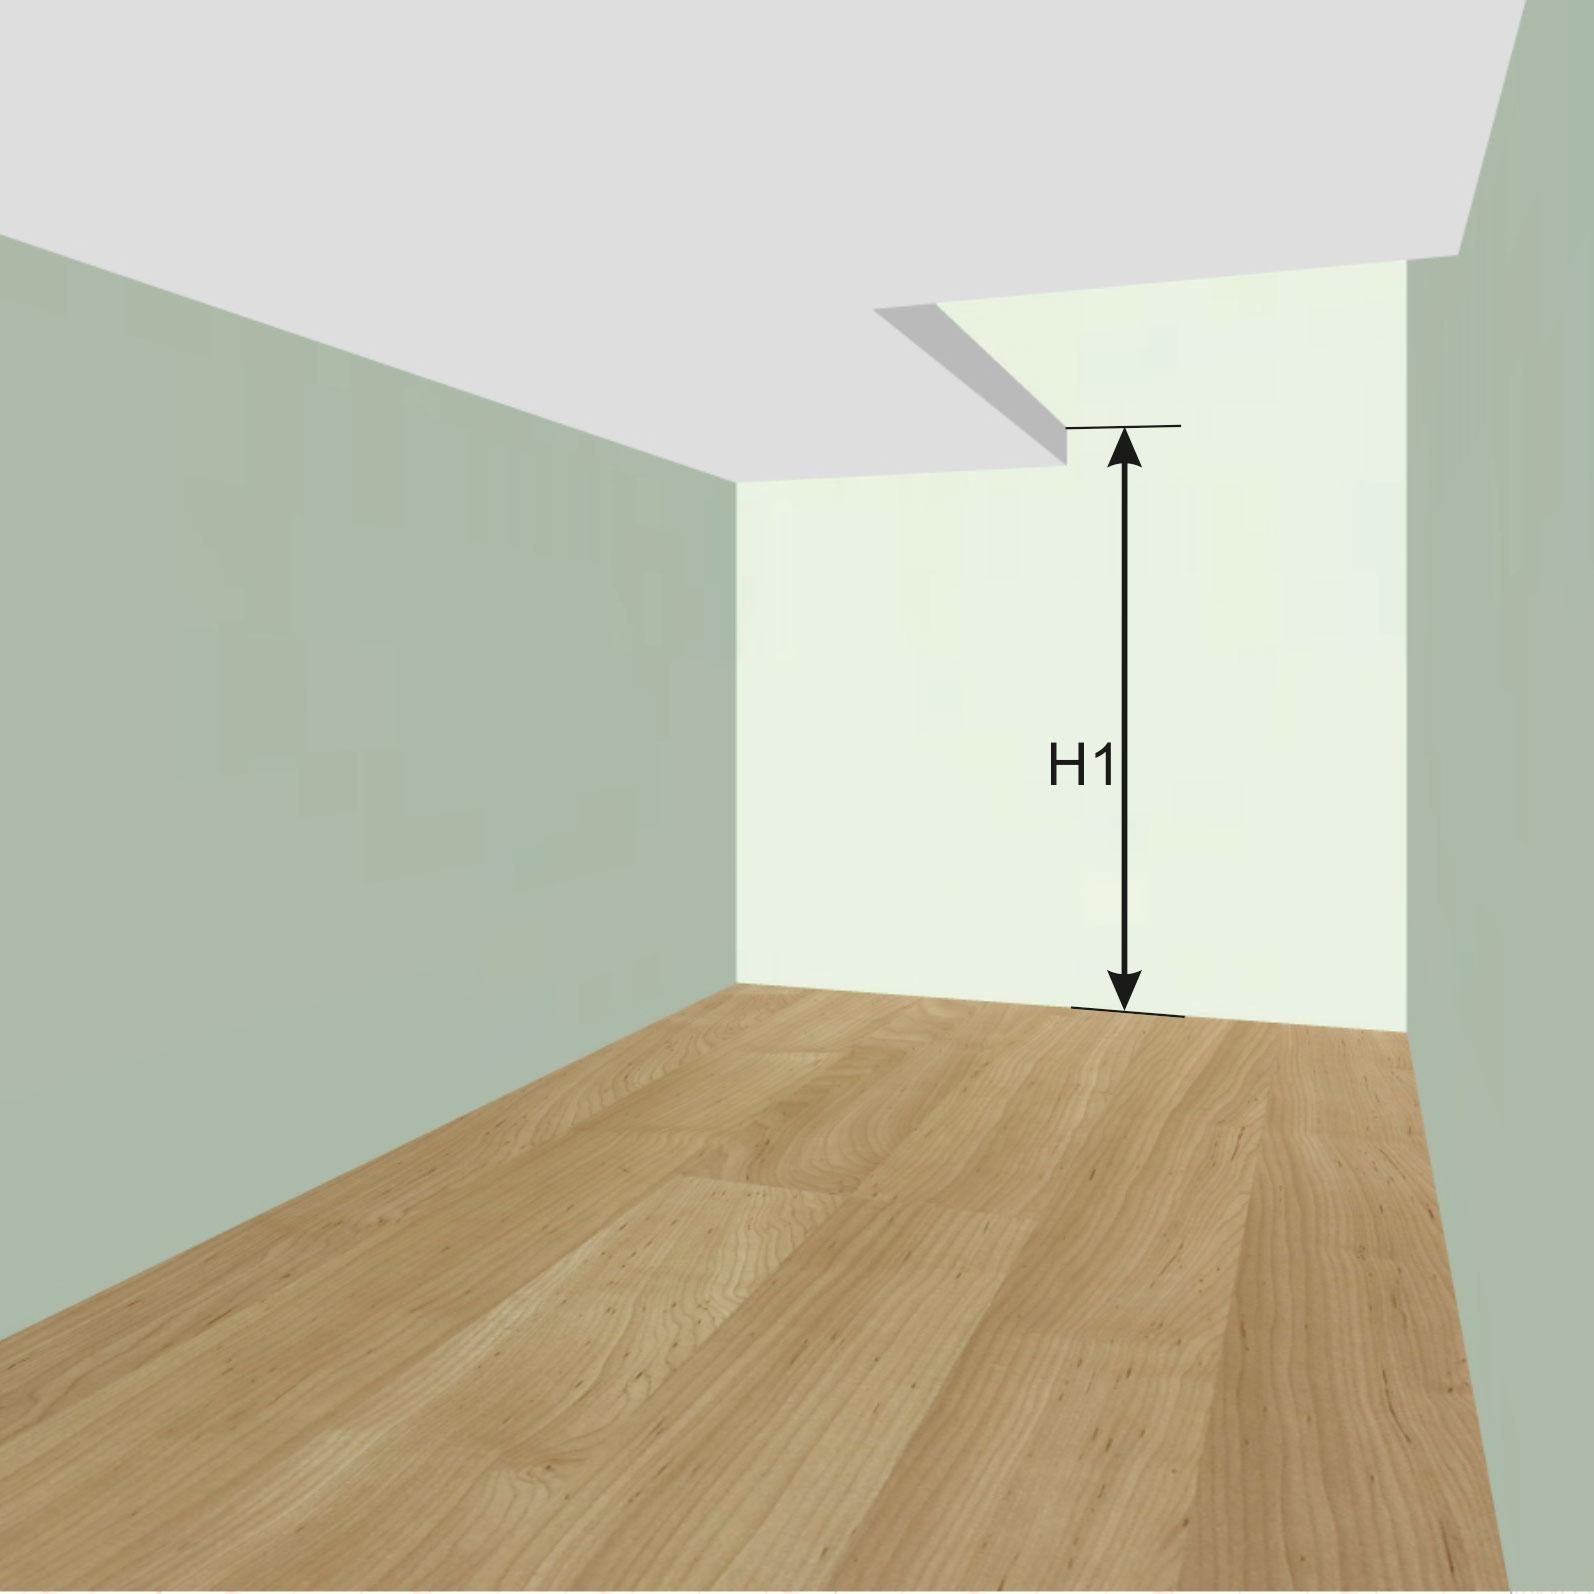 Высота от пола 1-го этажа до пола 2-го этажа